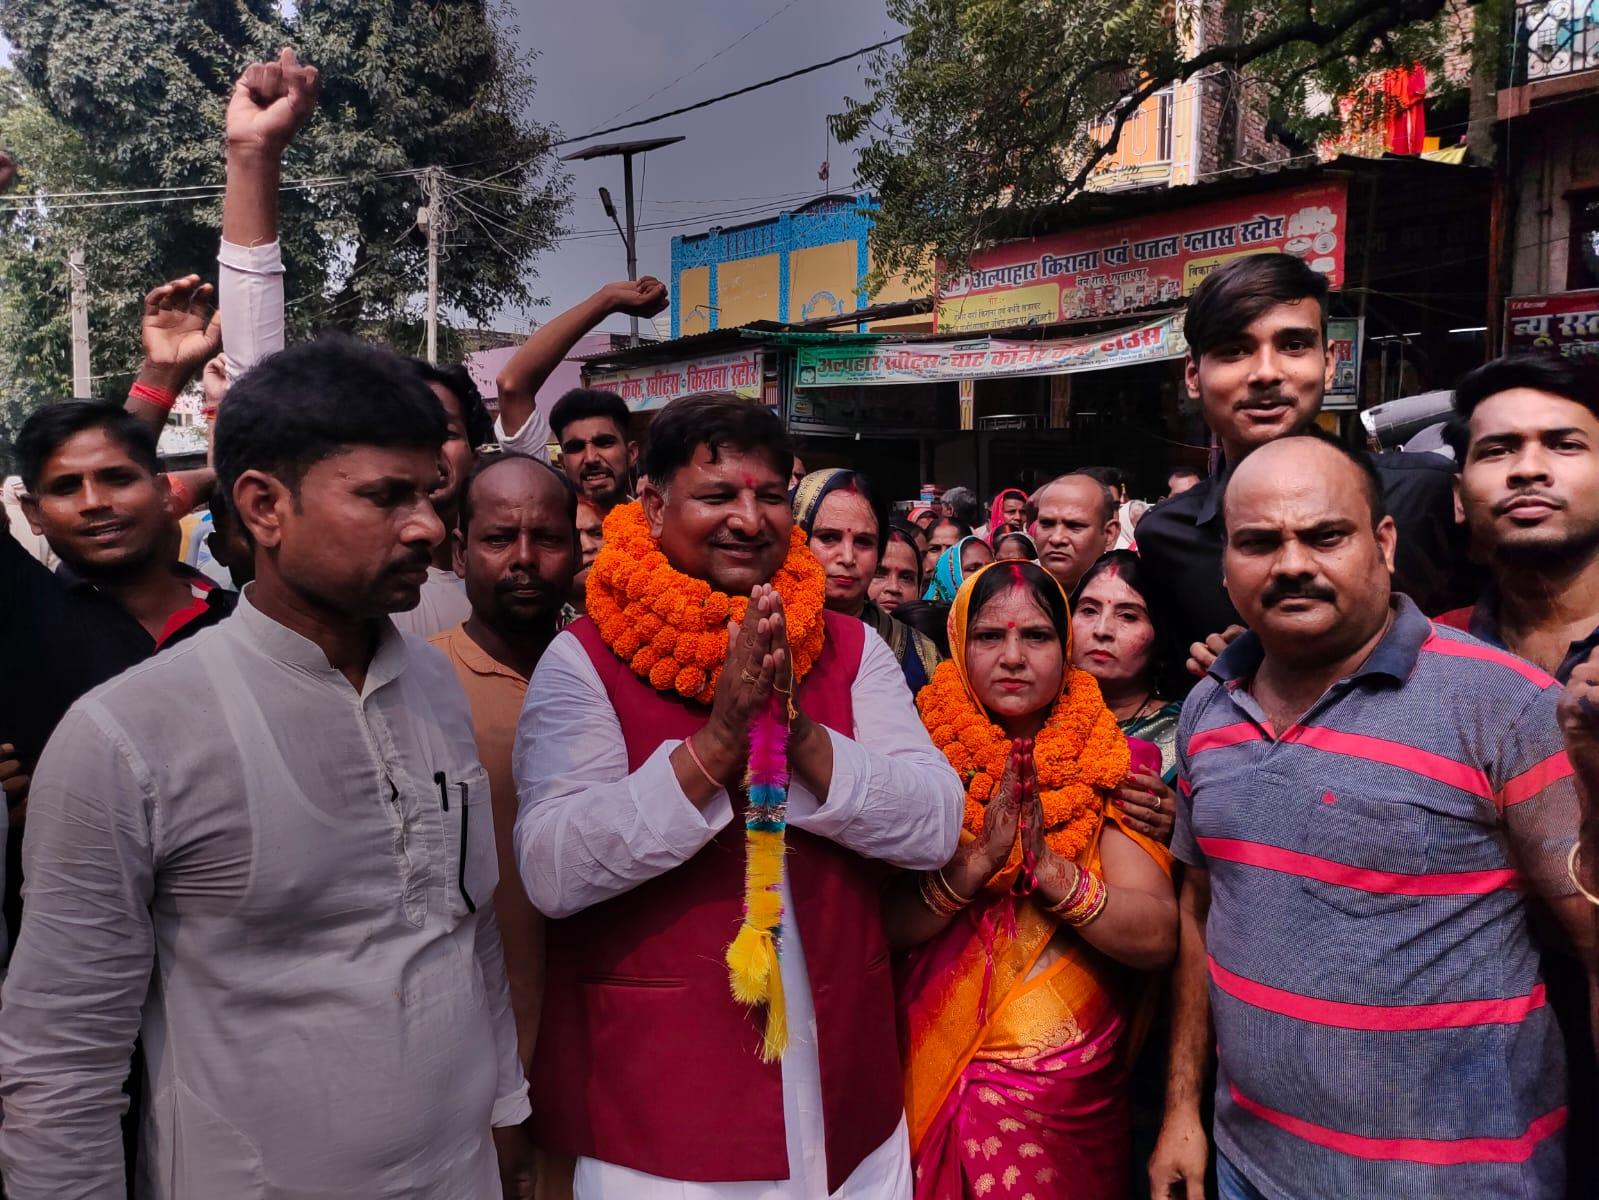 Raghunathpur में अनिमा देवी,पूनम देवी,गीतांजलि देवी,बबिता देवी व फिरोज खां सहित अन्य 408 उम्मीदवारों ने किया नामांकन